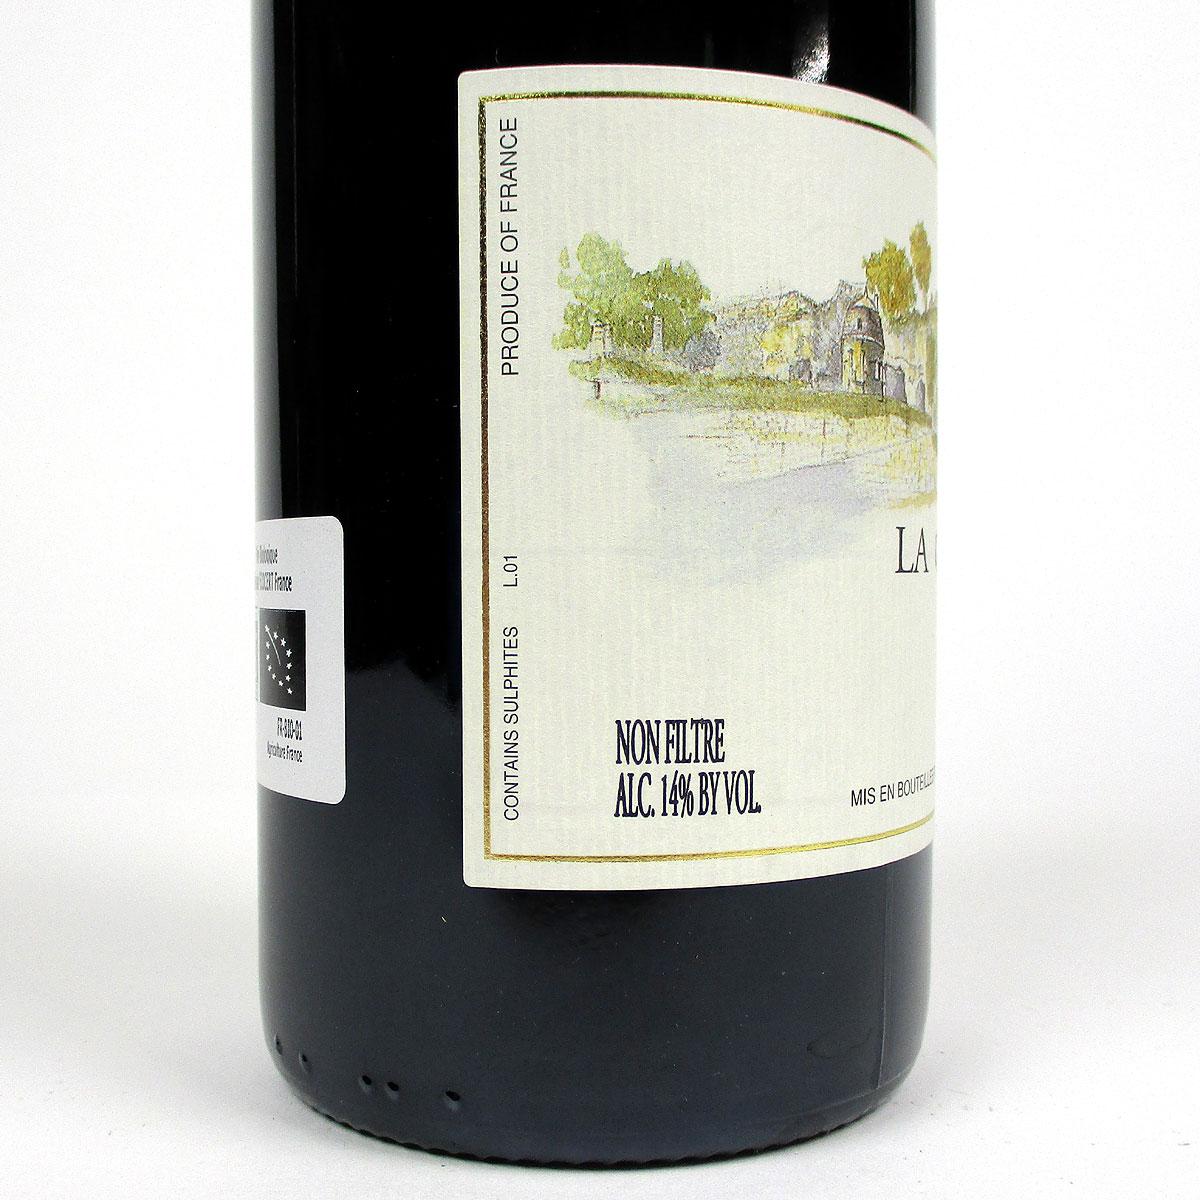 Saumur Champigny: Domaine Filliatreau 'La Grande Vignolle' 2020 - Bottle Side Label